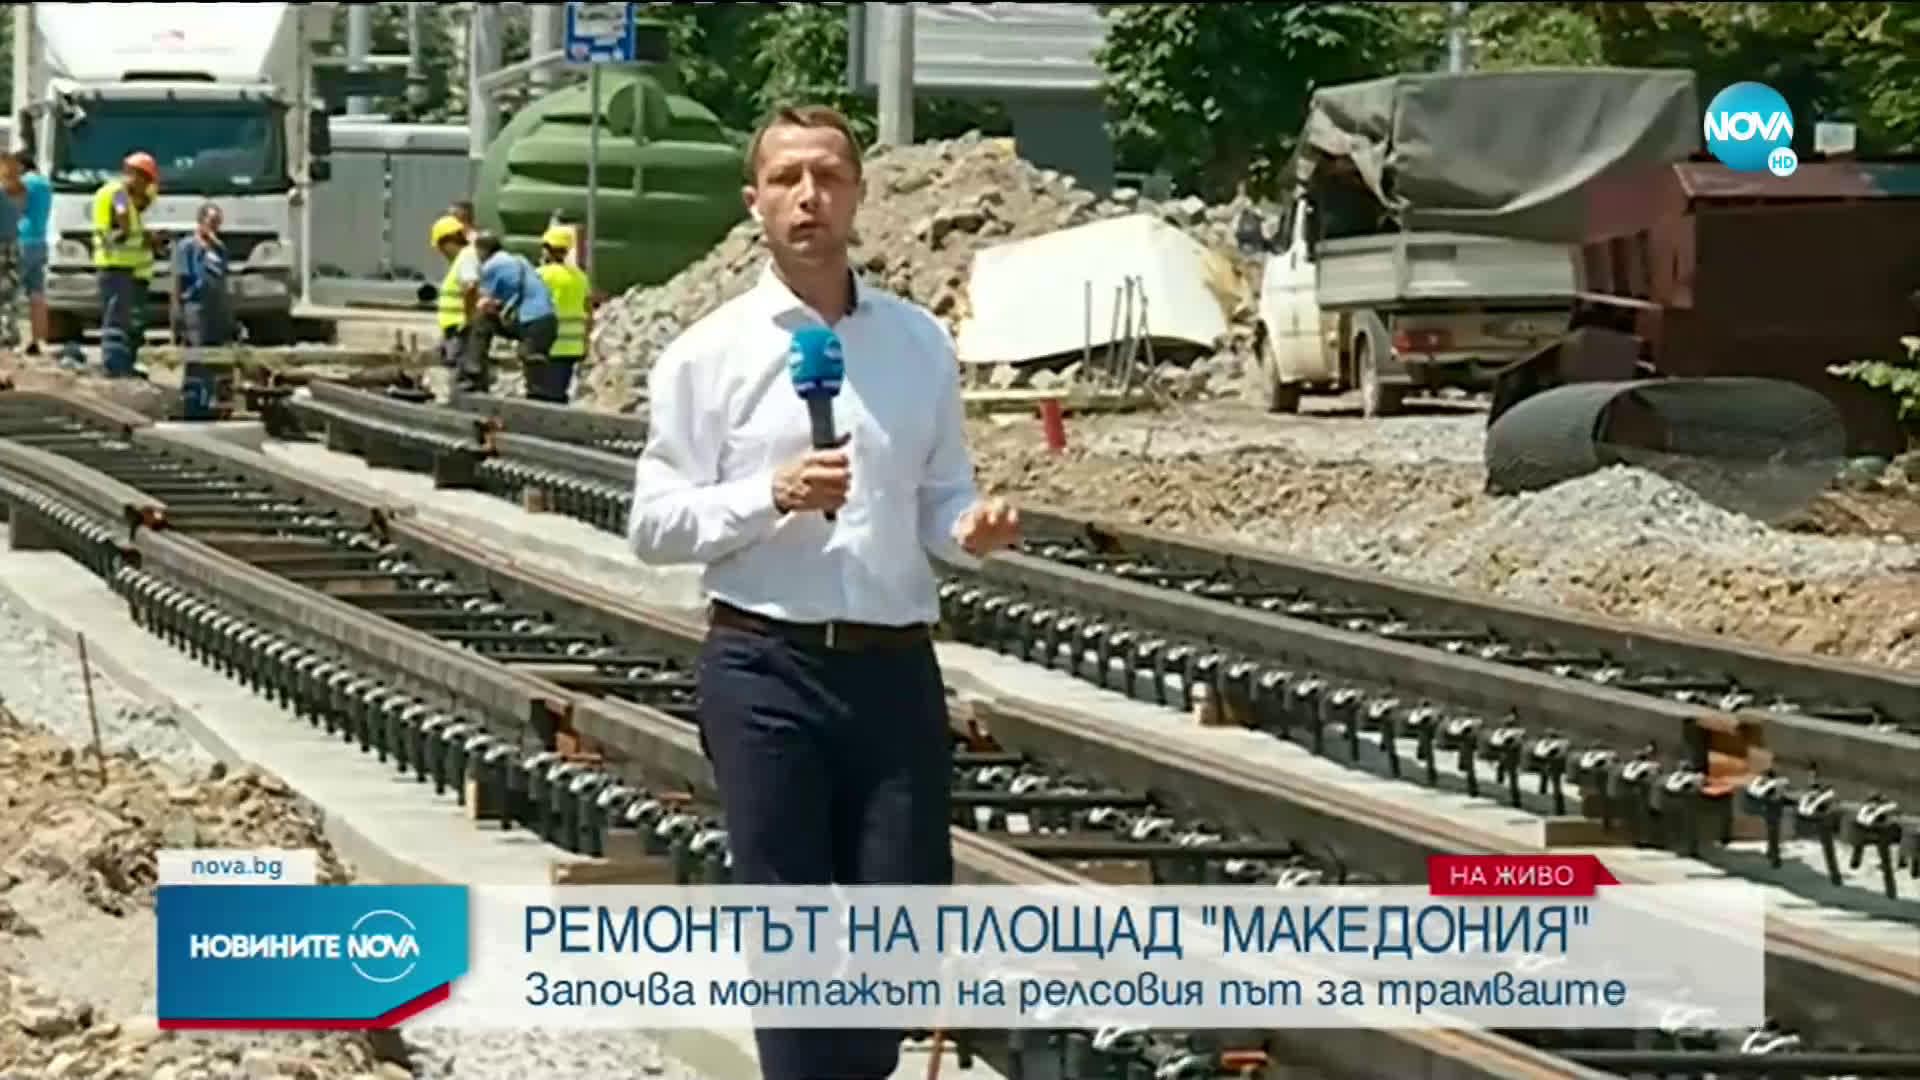 """Започва монтажът на релсовия път на трамваите от площад """"Македония"""""""